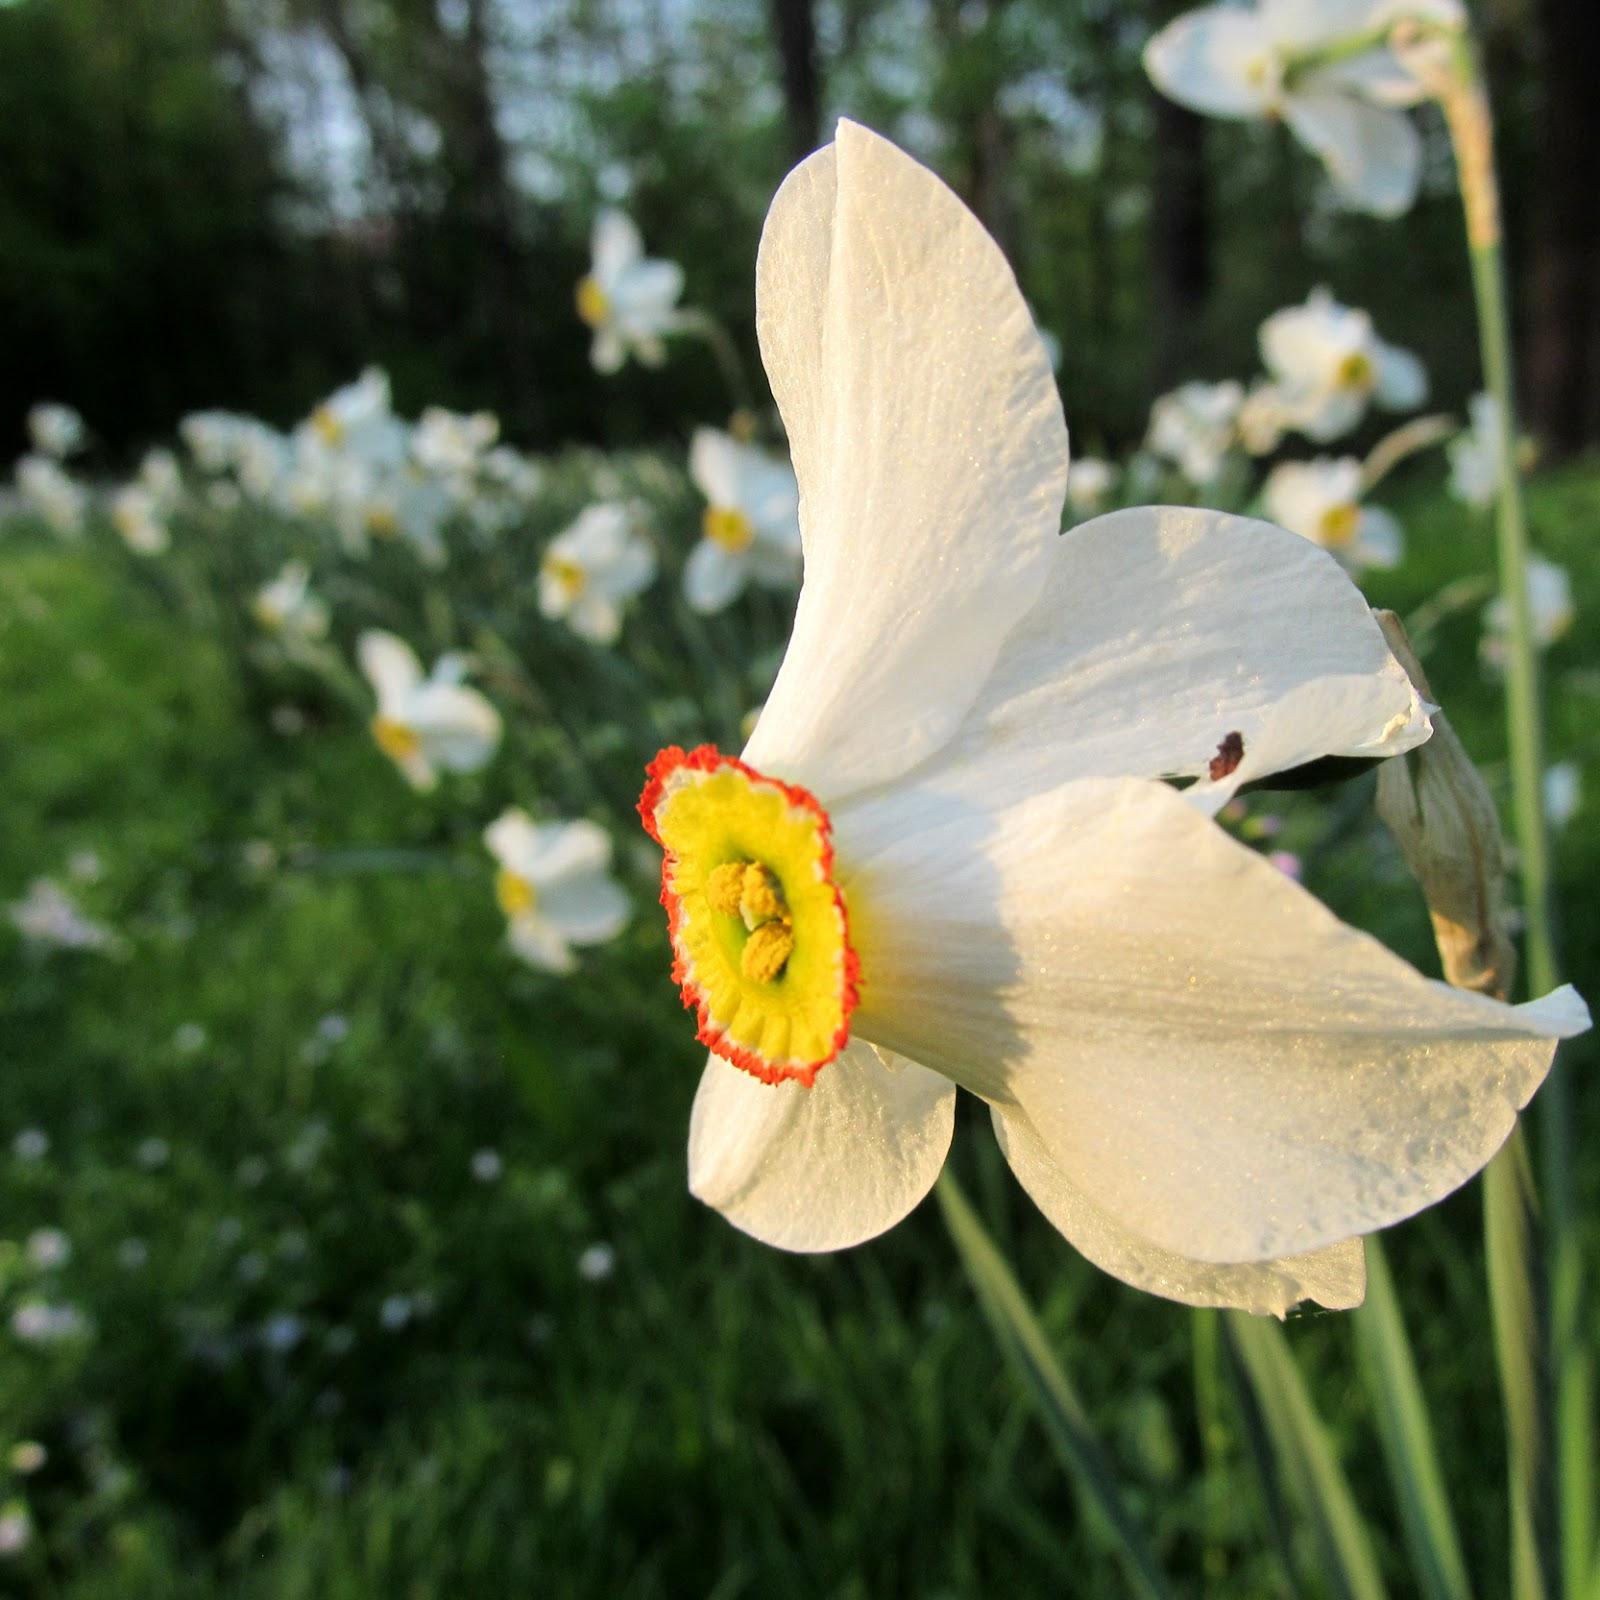 Draussen: Frühling